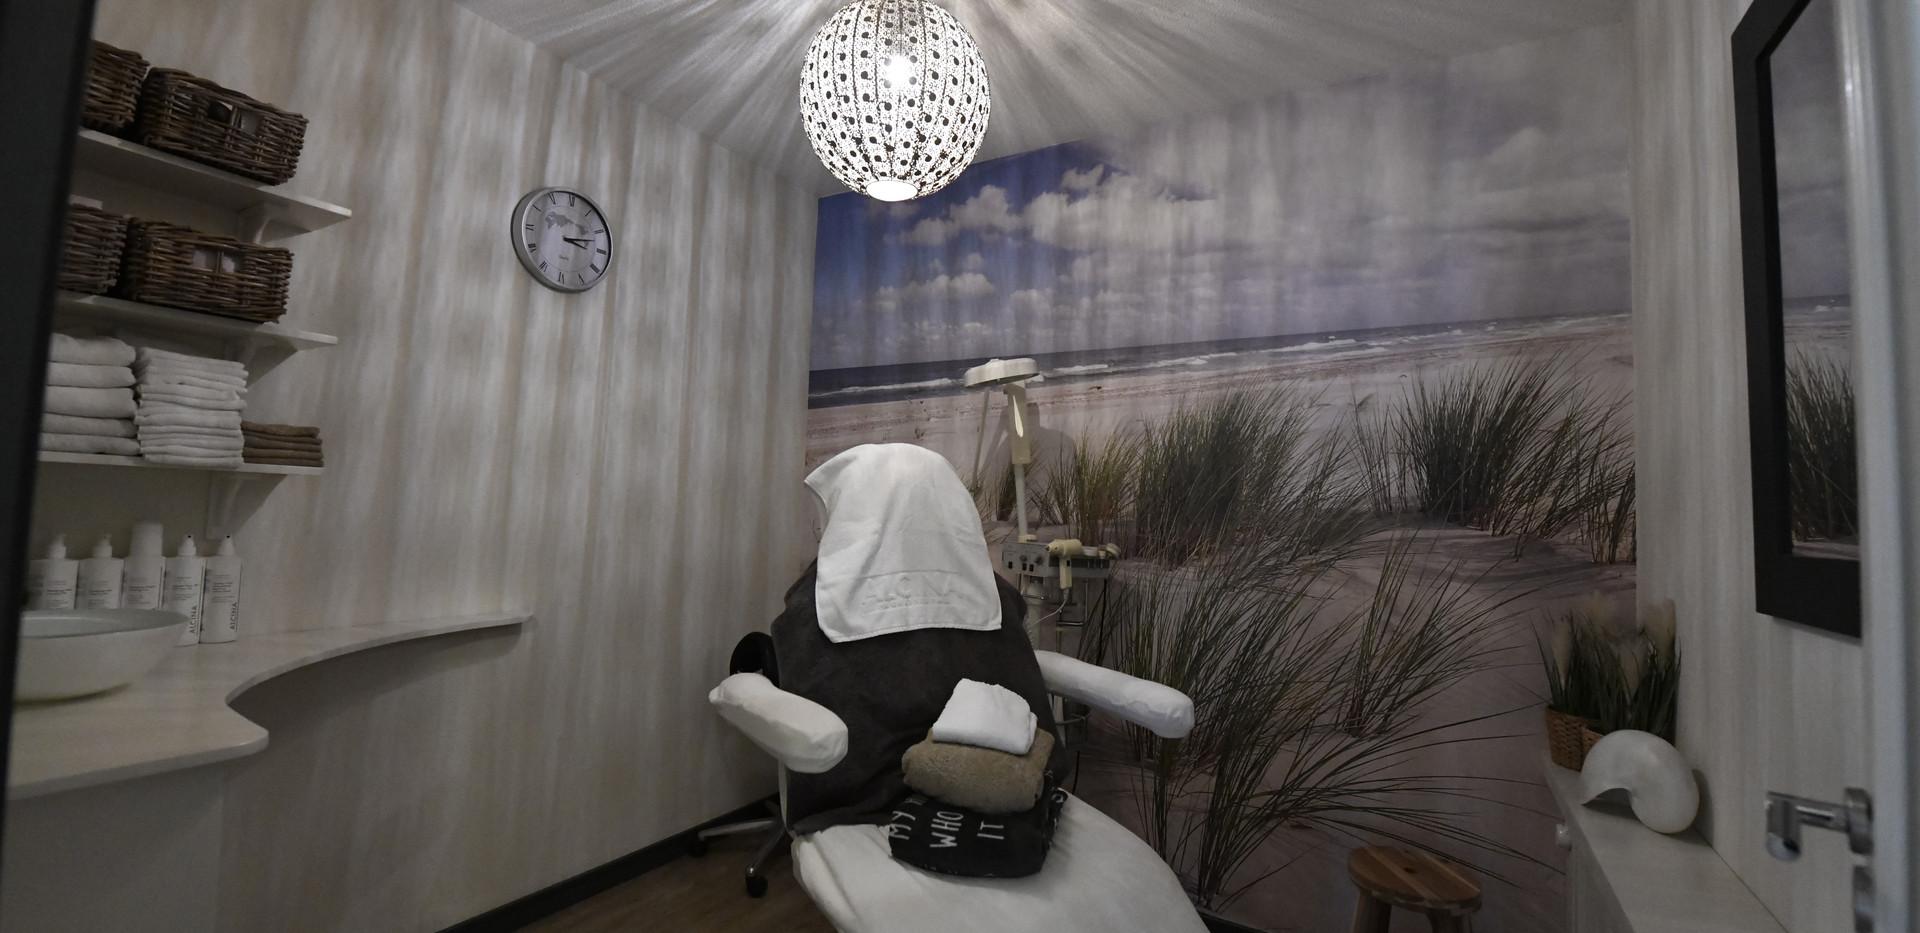 Schoonheids-salon